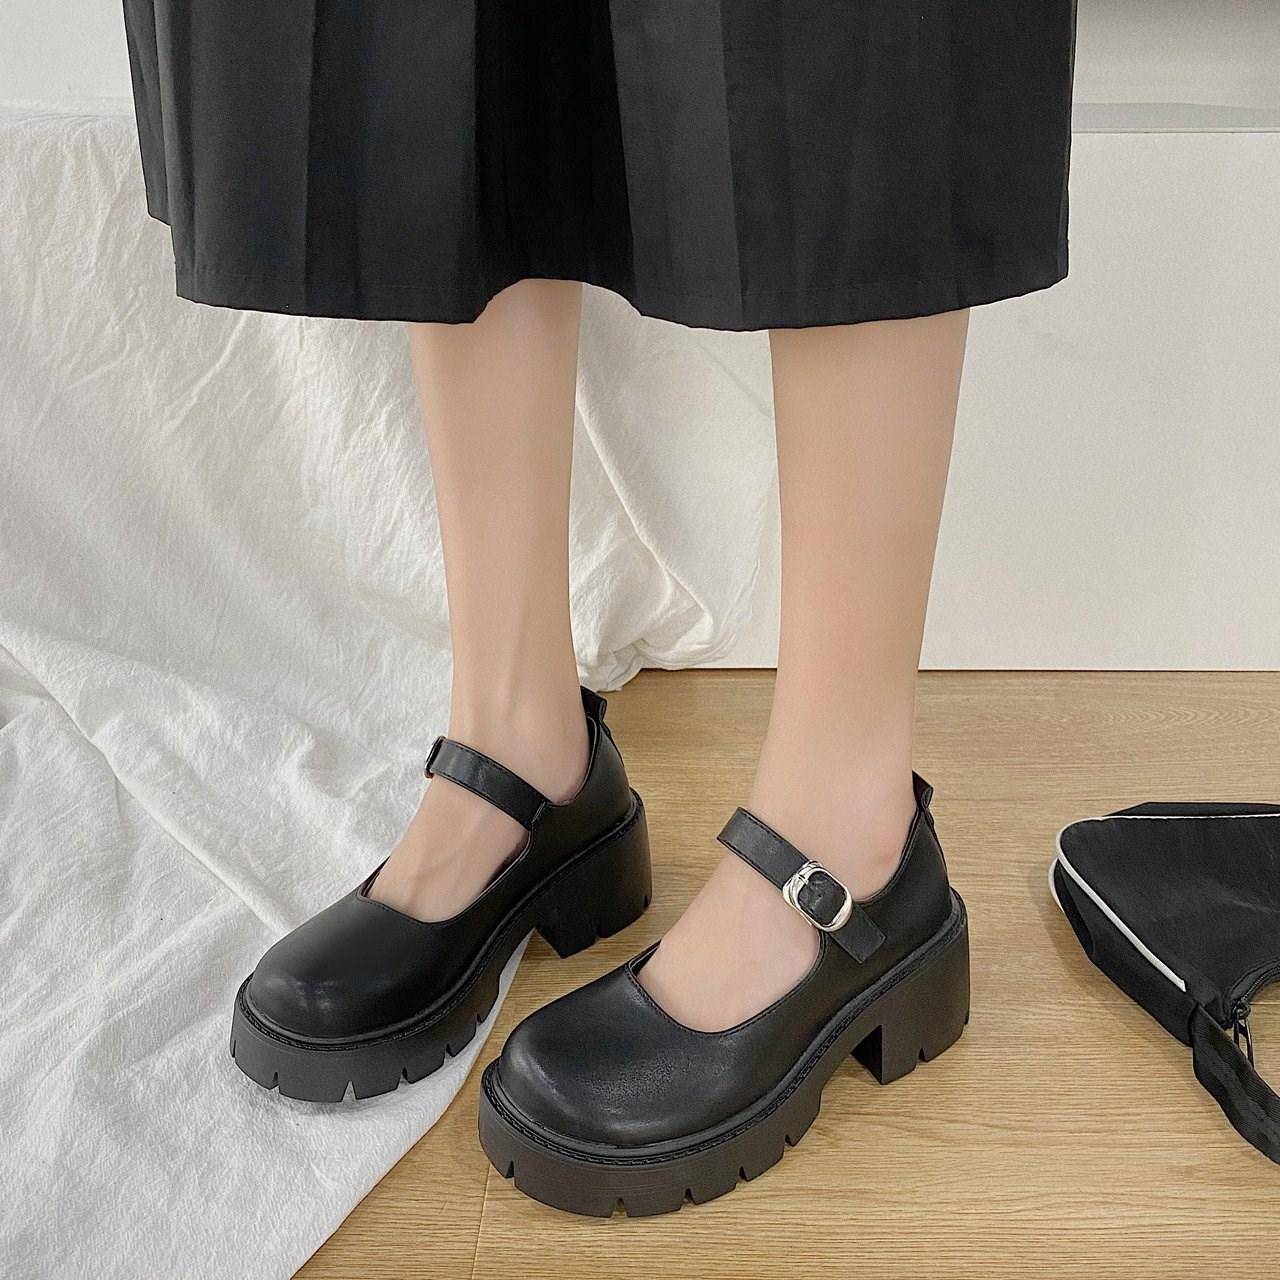 猪腰子鞋大头春夏秋日系丑萌基础玛丽珍鞋复古洛丽塔厚底黑皮鞋女